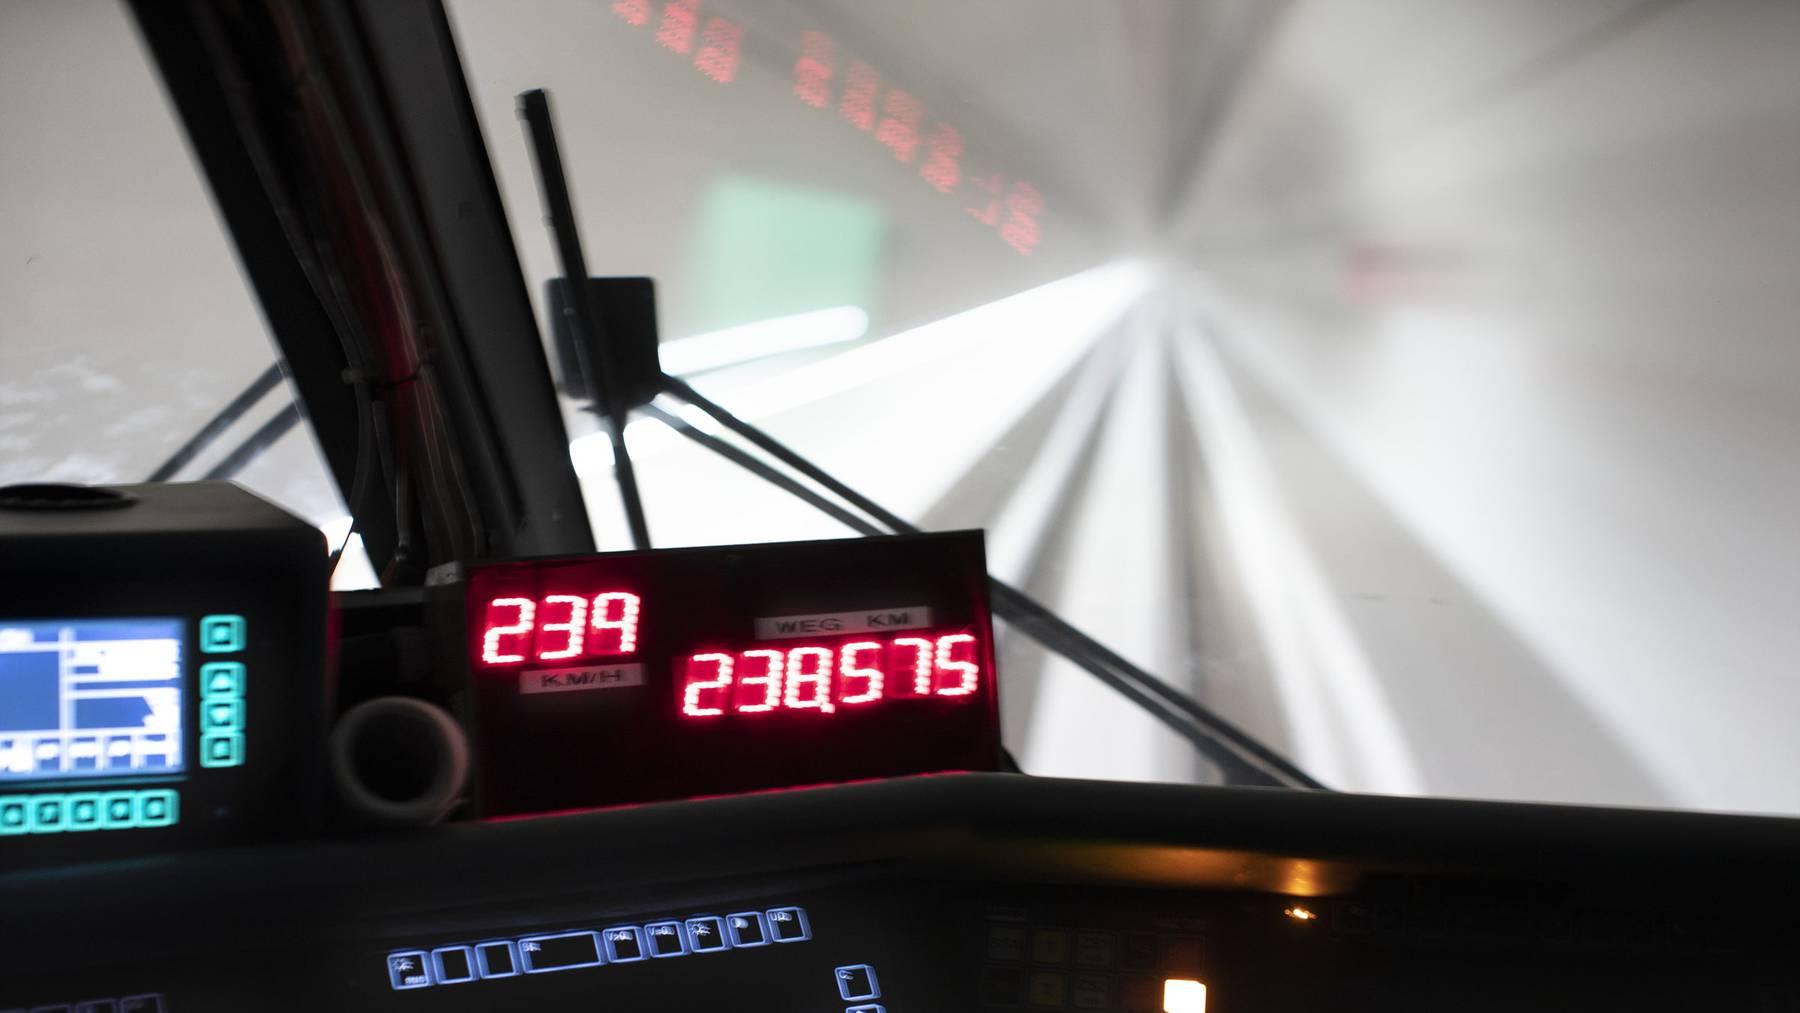 Im Ceneri-Basistunnel haben im Mai erste Tests stattgefunden. Wann er für den Personenverkehr vollständig freigegeben wird, scheint derzeit offen.